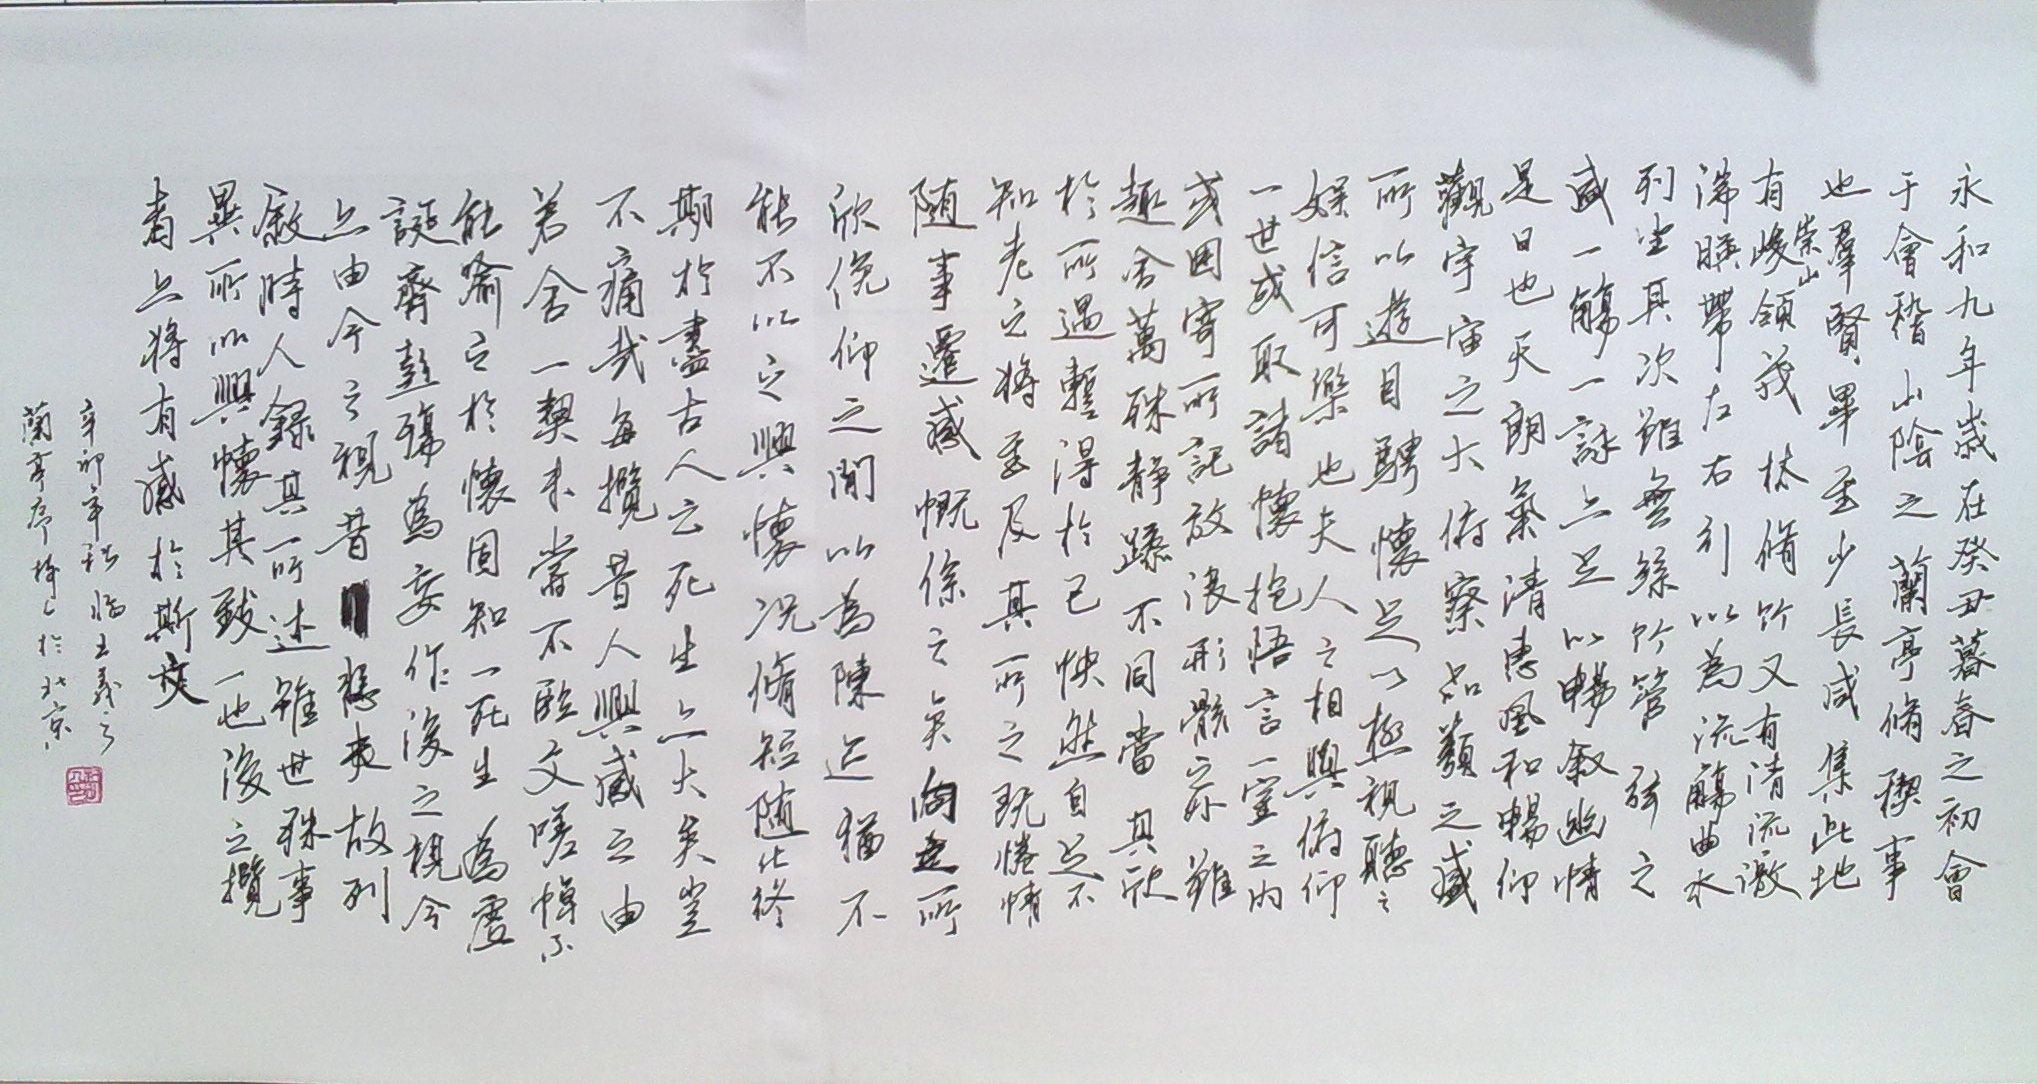 刚用钢笔抄的兰亭序,不是细临的图片